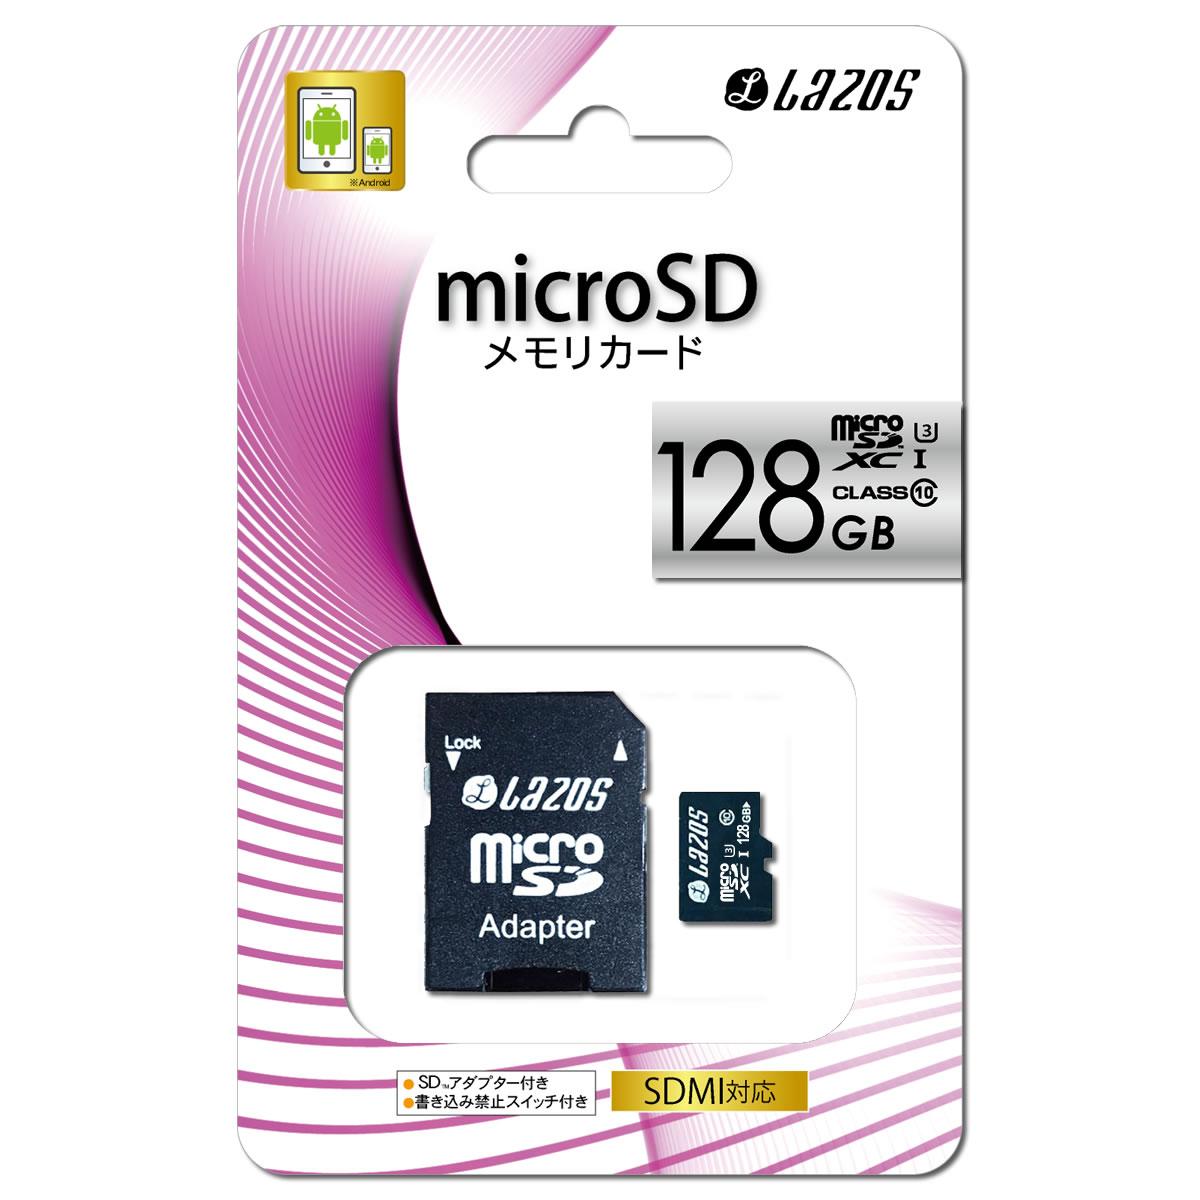 [再販ご予約限定送料無料] microSDカード128GB即日発送あす楽 microSDXCメモリーカード マイクロSDカード 128GB 海外